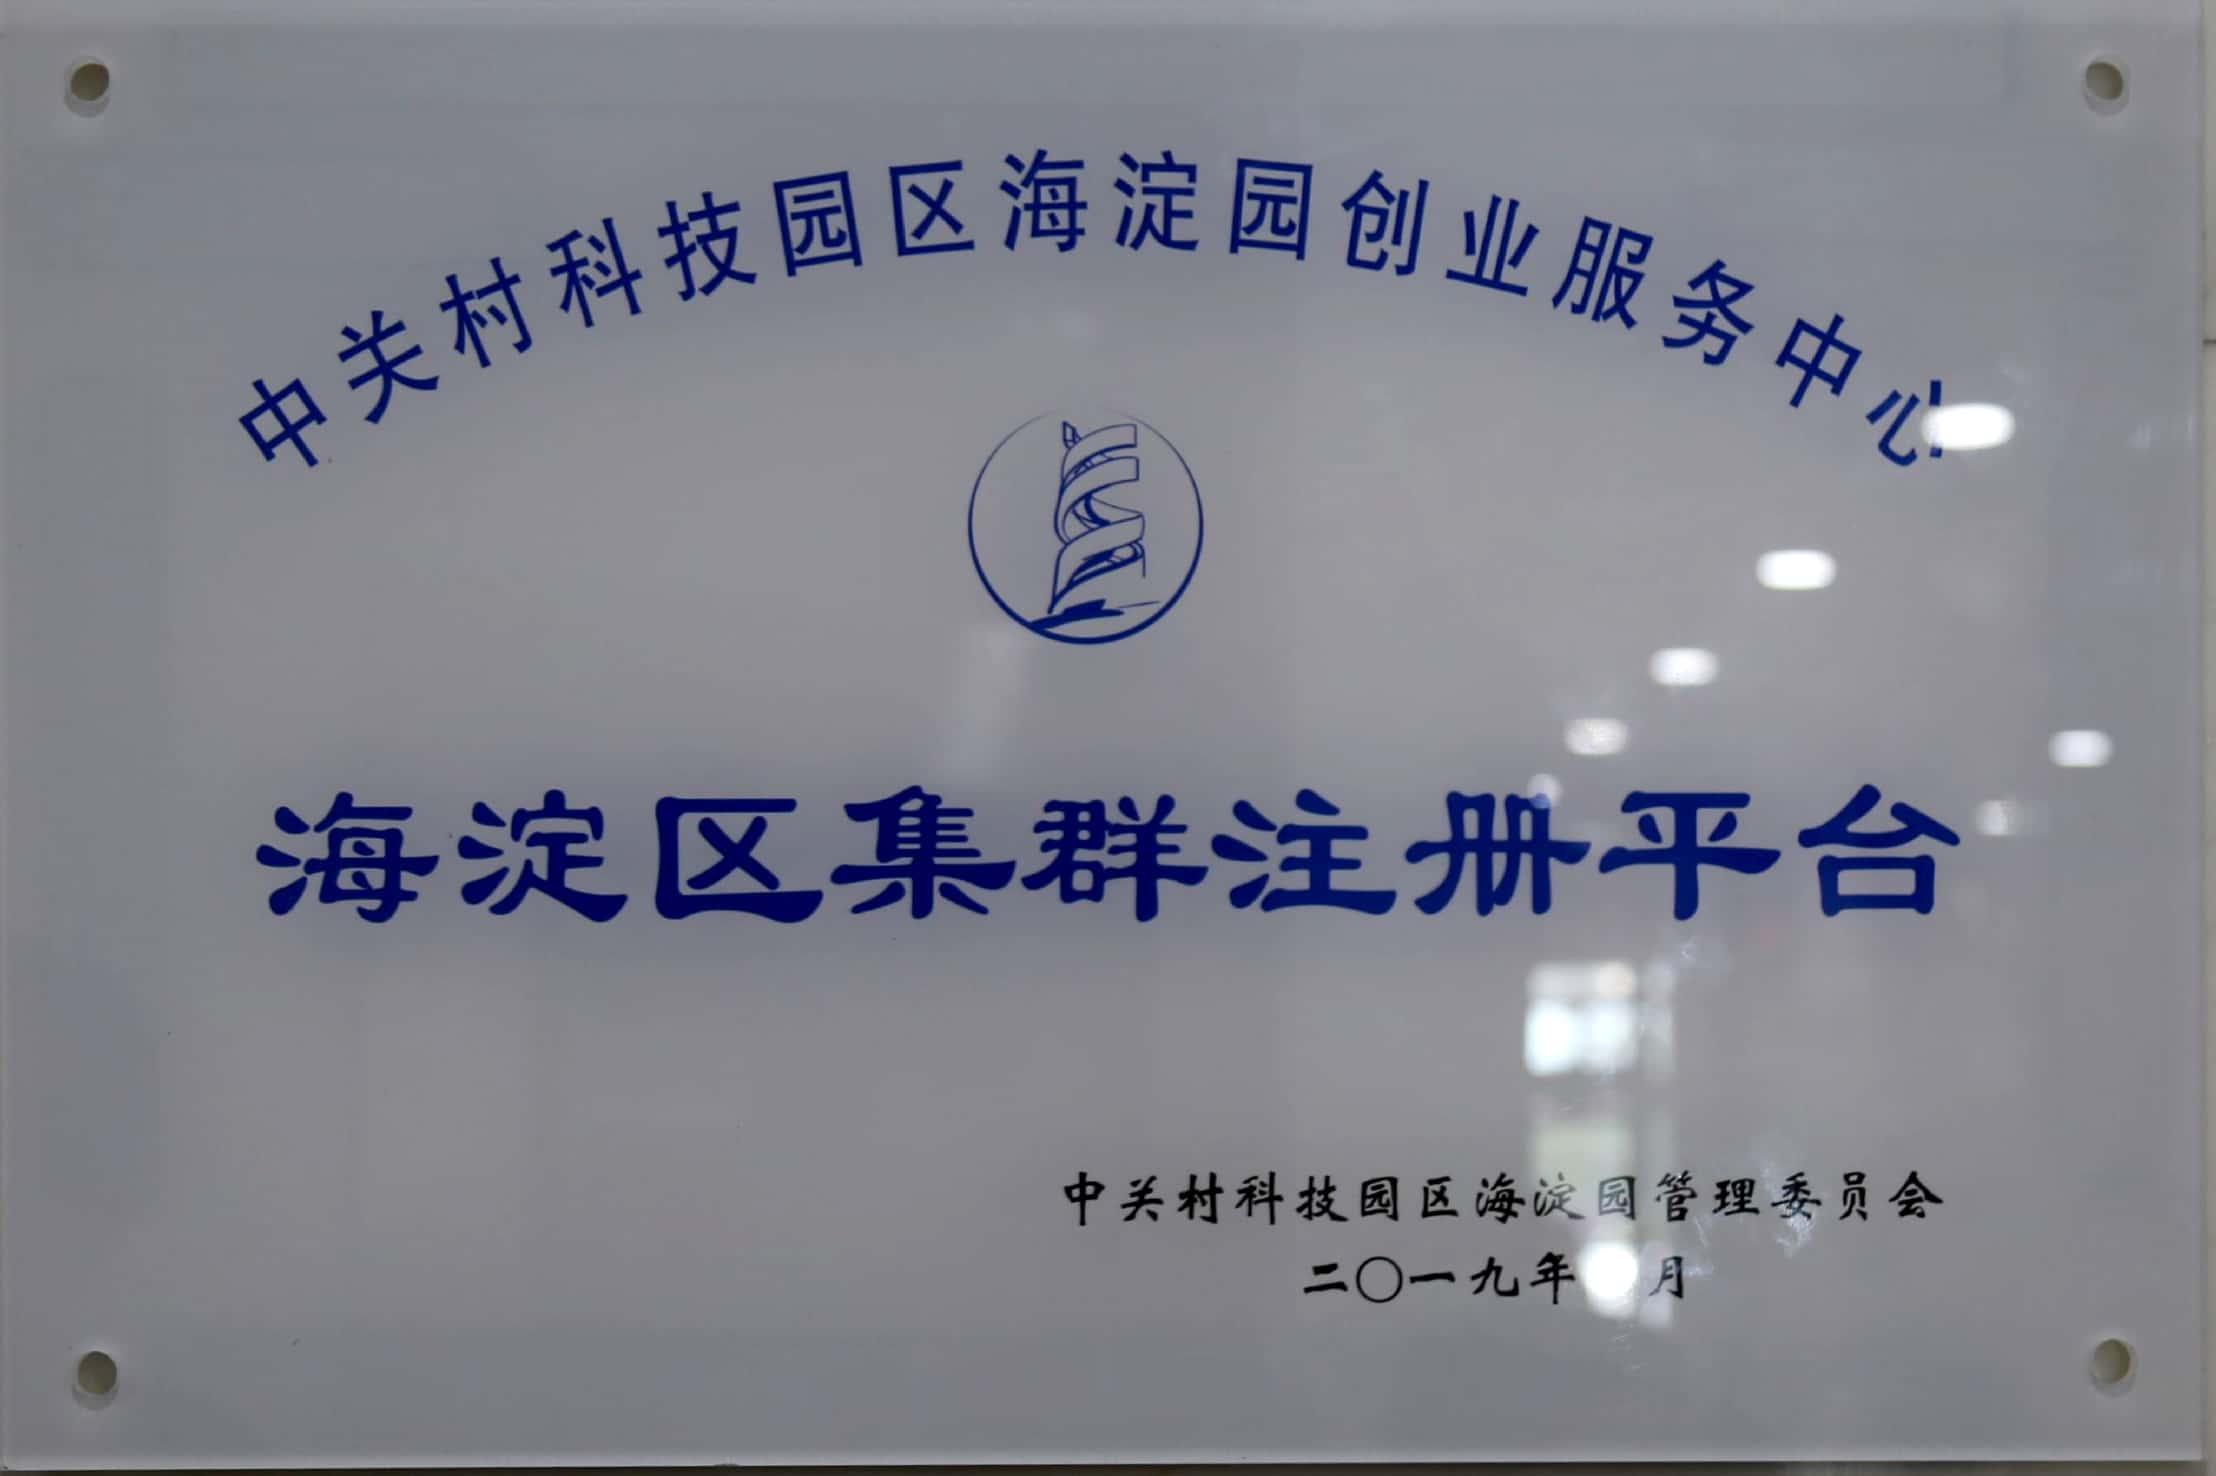 20190513北京市首个集群注册平台正式落地海淀创业园2.jpg